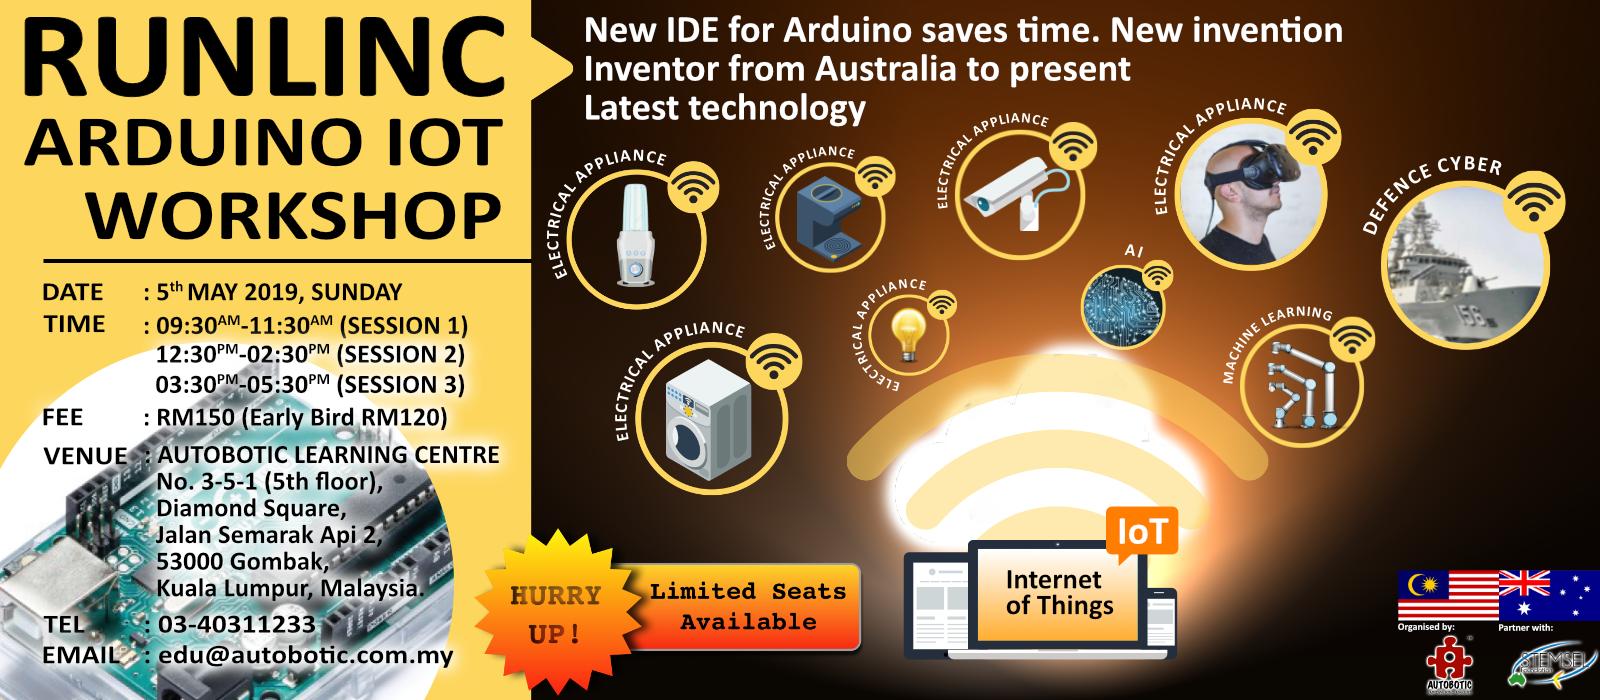 Runlinc Arduino IoT Workshop